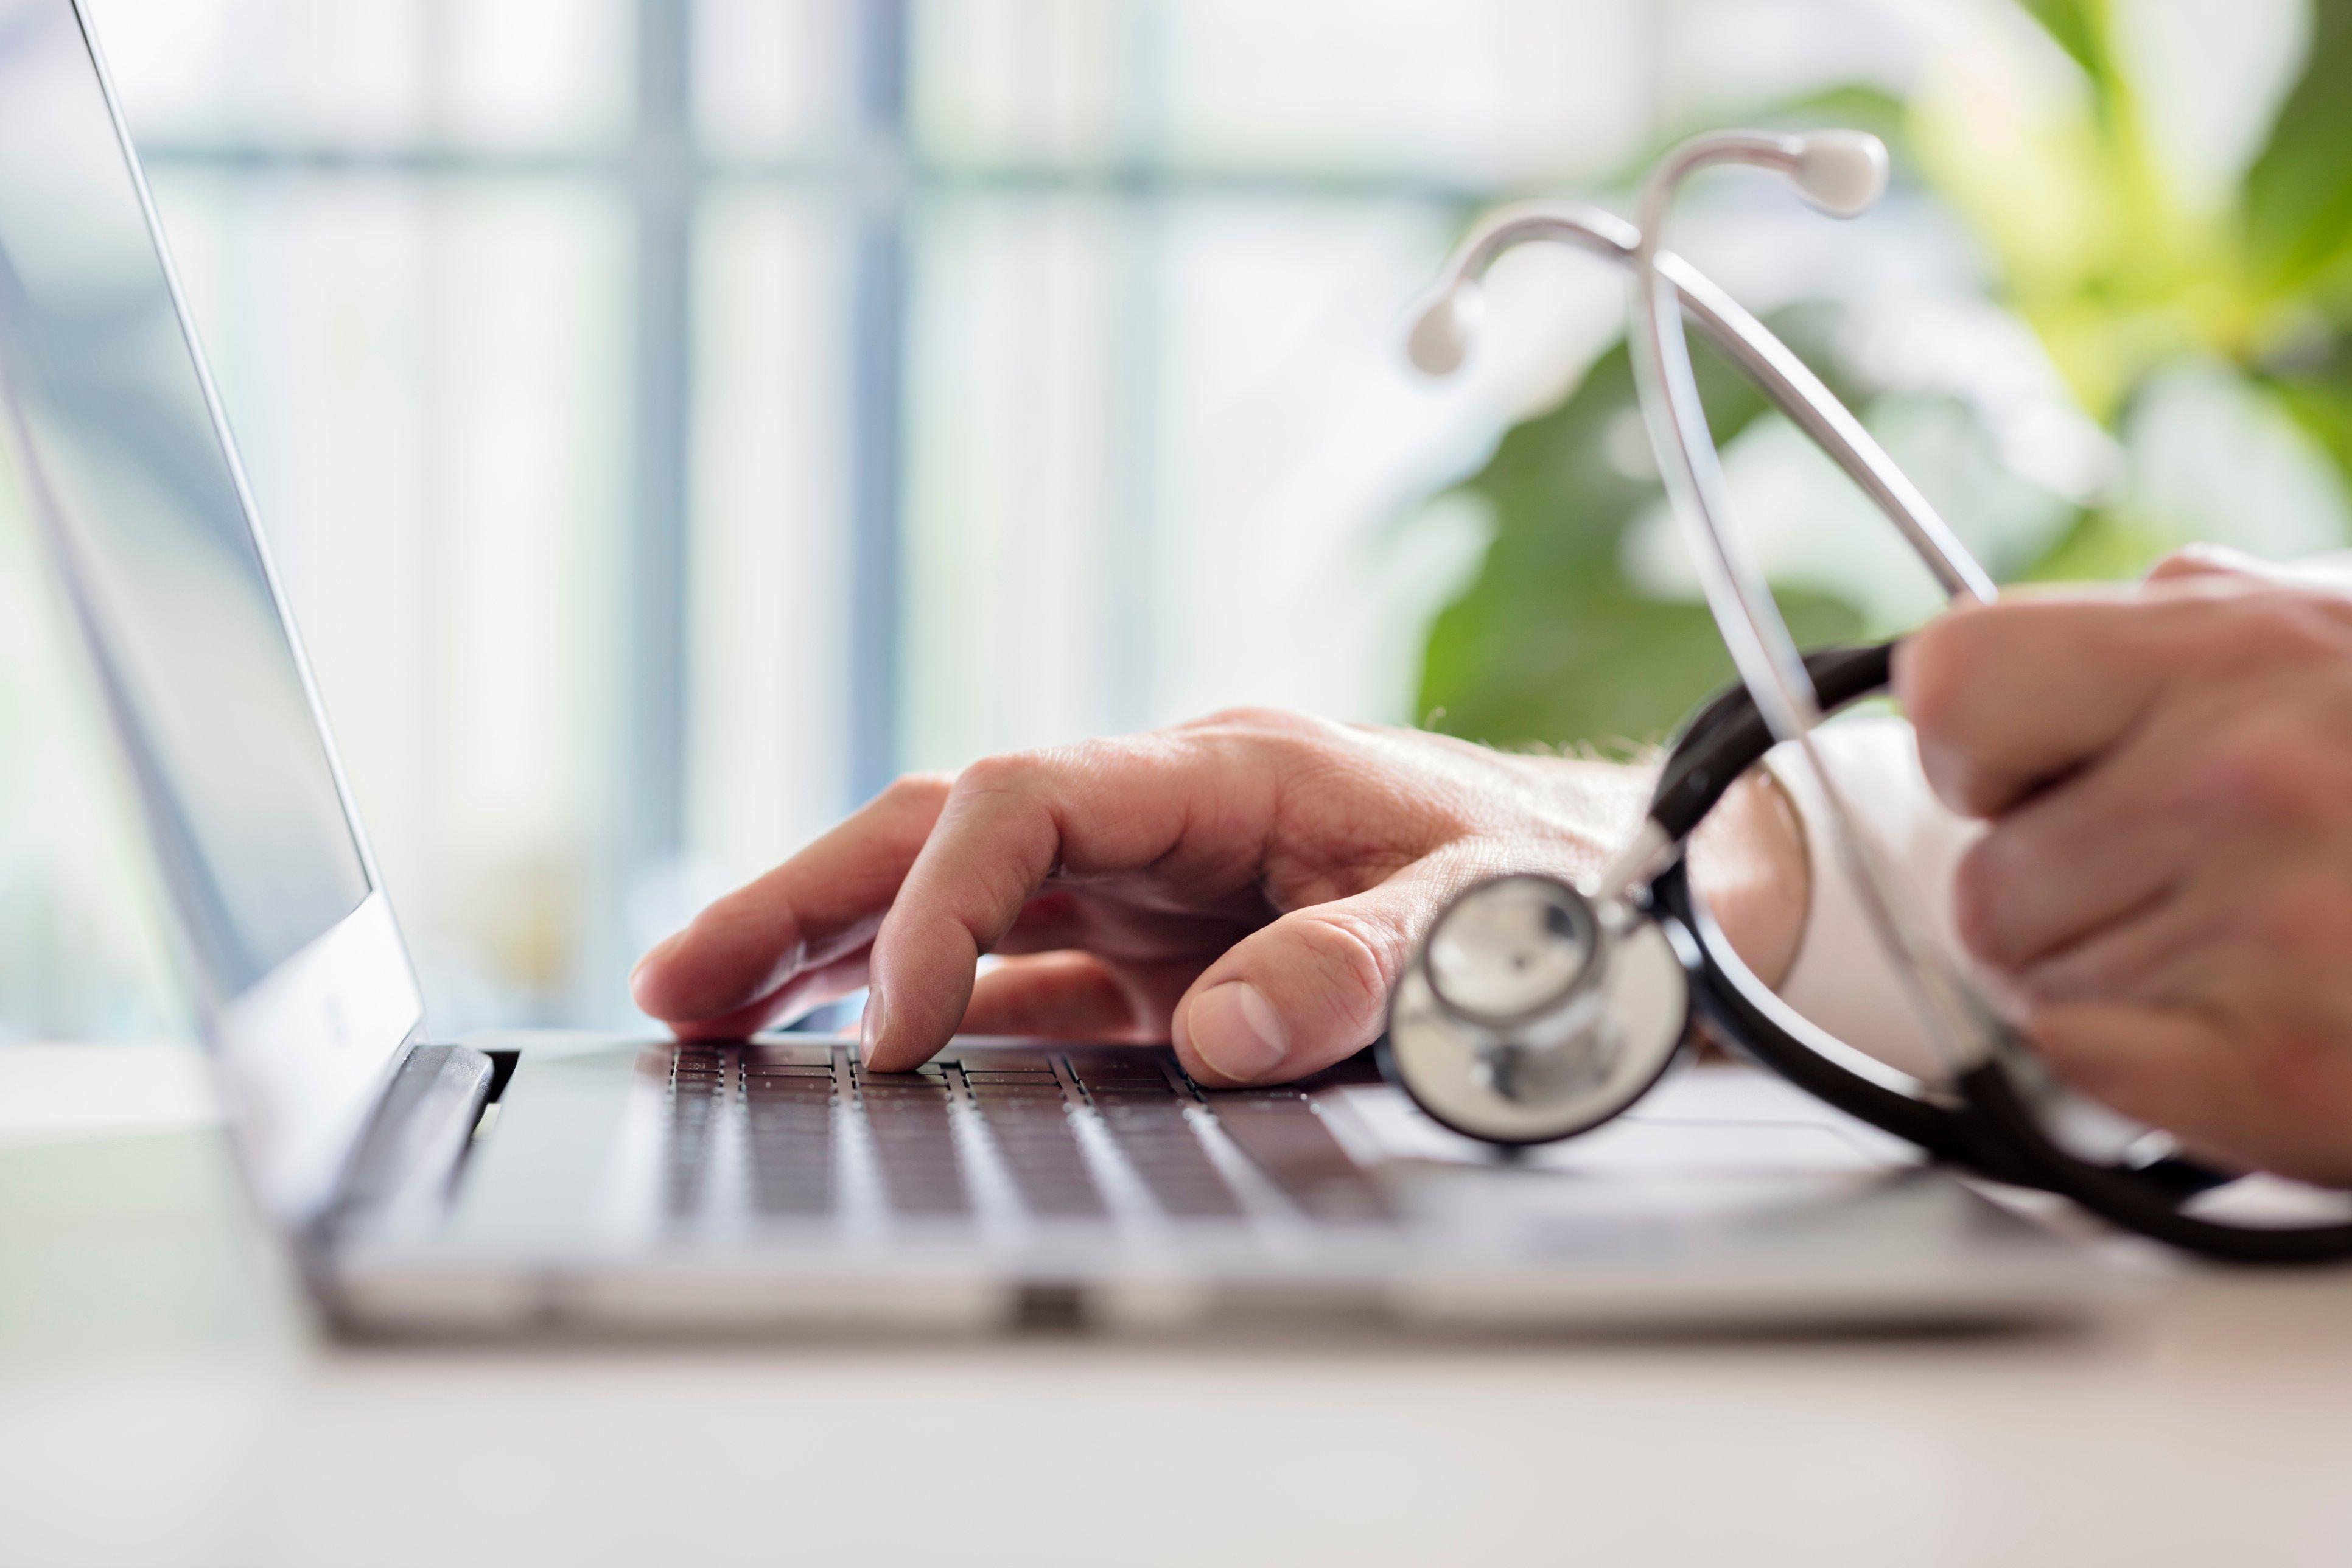 Como-aparecer-na-busca-do-Google-com-seu-consultorio-medico